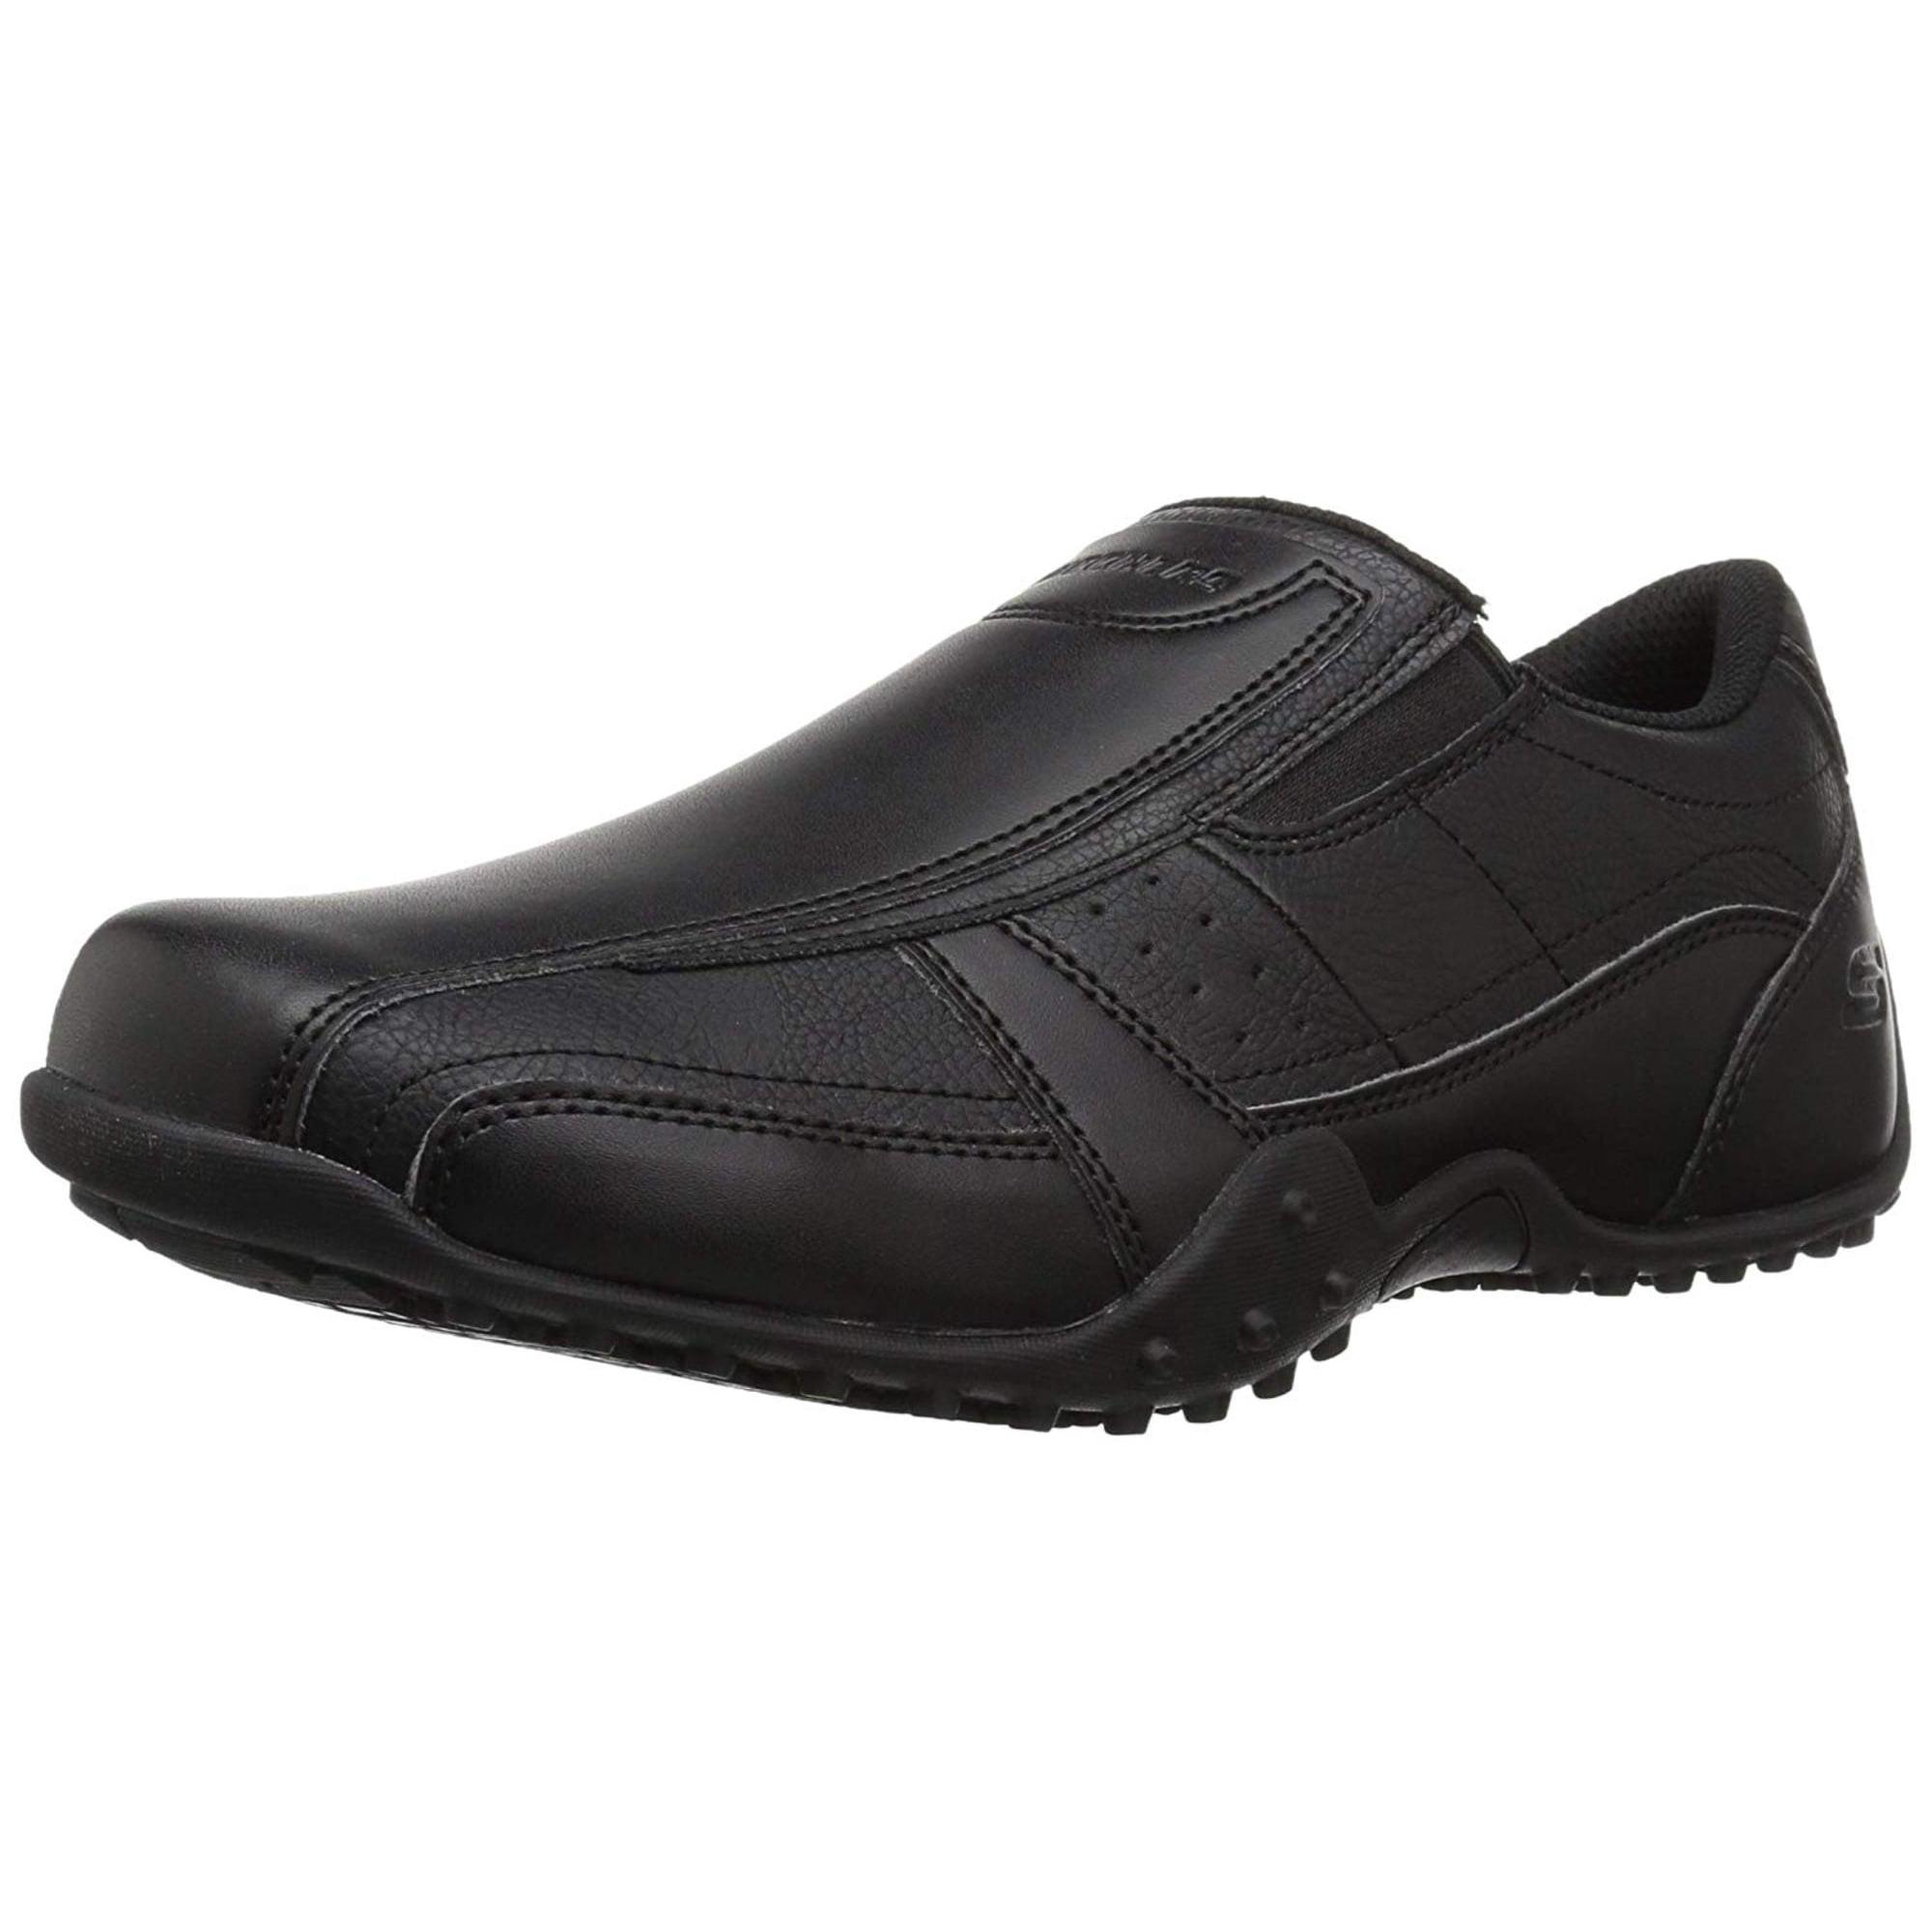 Skechers Men's Elston-kasari Food Service Shoe | Walmart Canada